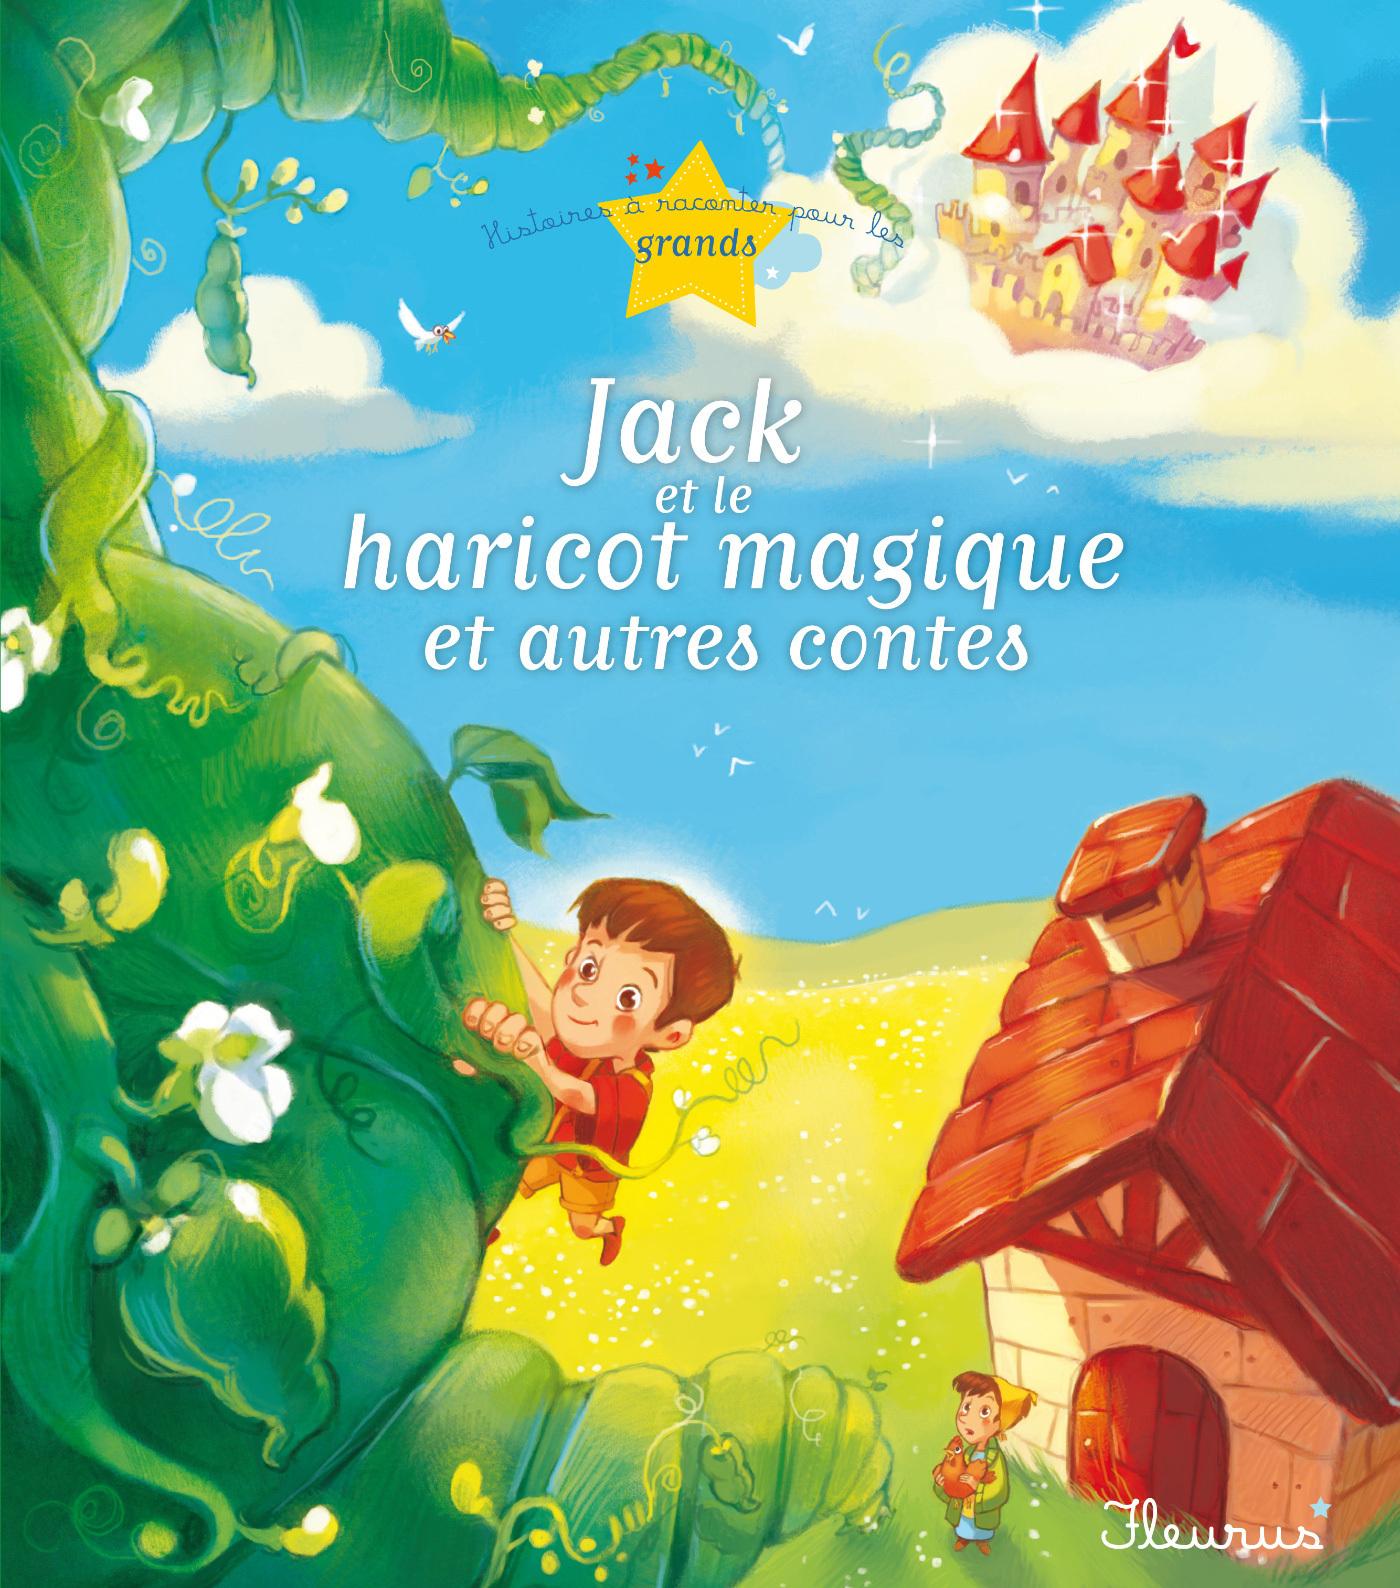 Jack et le haricot magique et autres contes